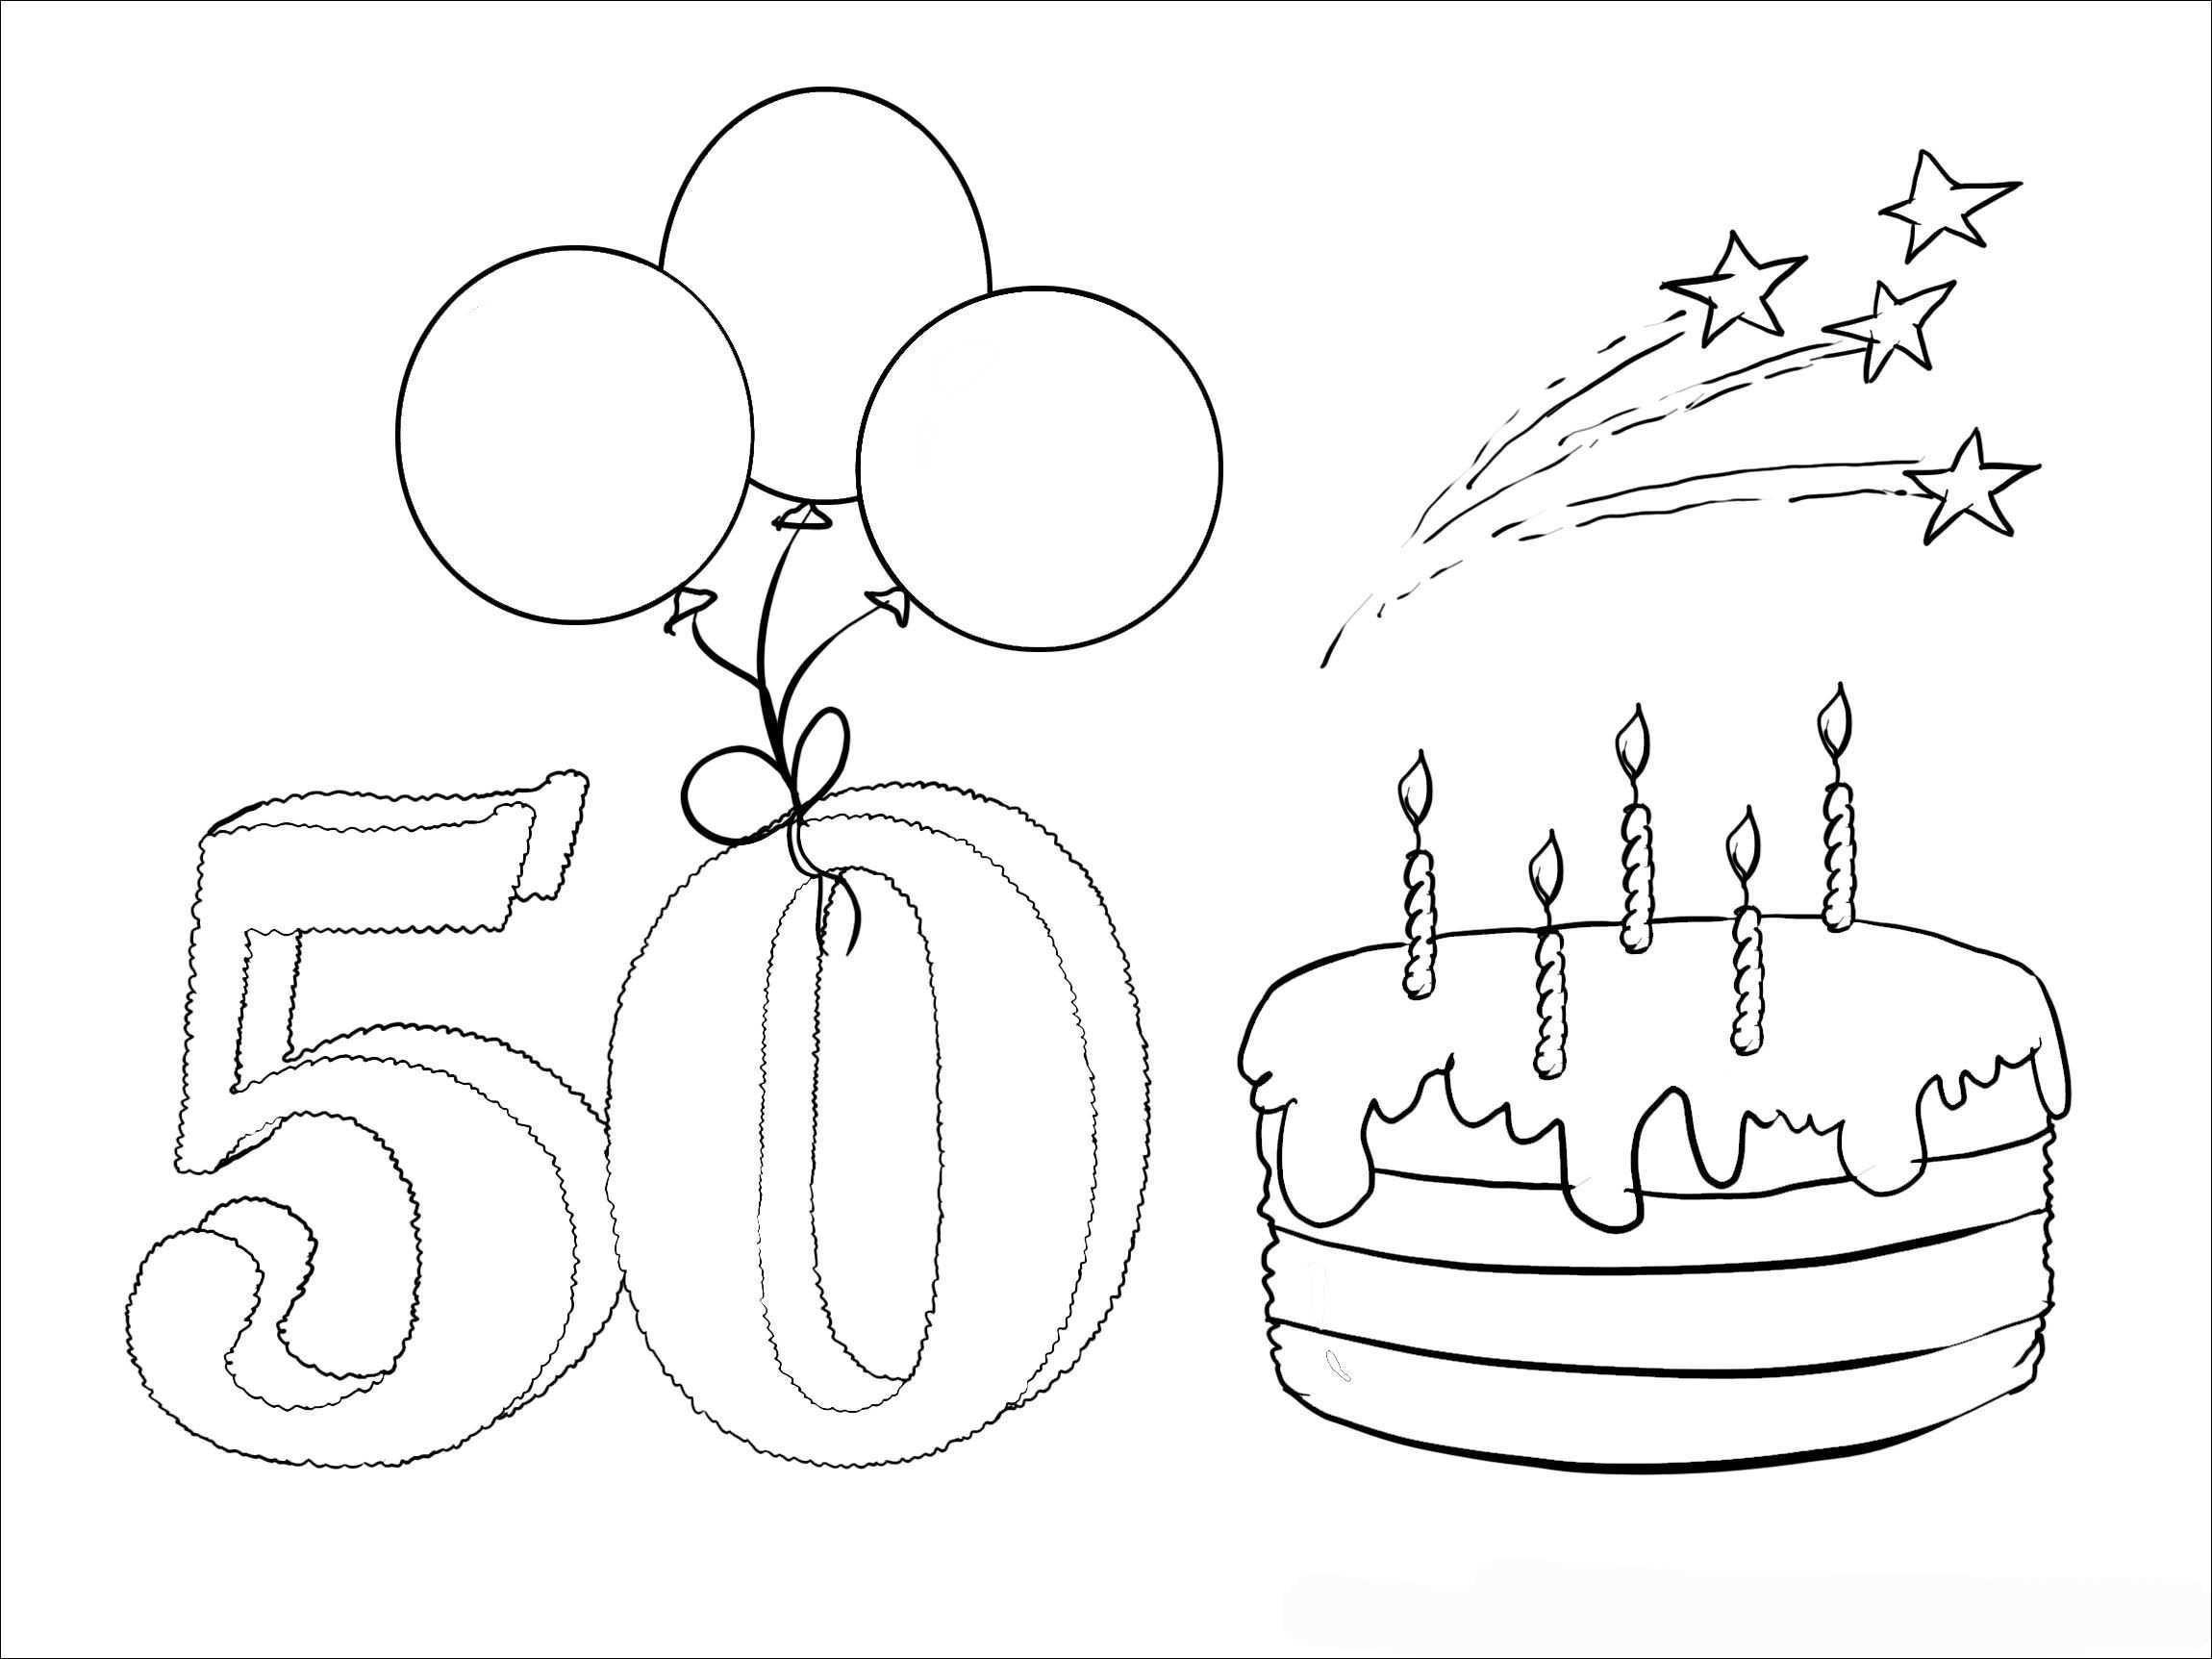 Malvorlagen Baby Looney Tunes Einzigartig Lovely Ausmalbilder Geburtstag Zum Ausdrucken My Blog E6d5 Stock